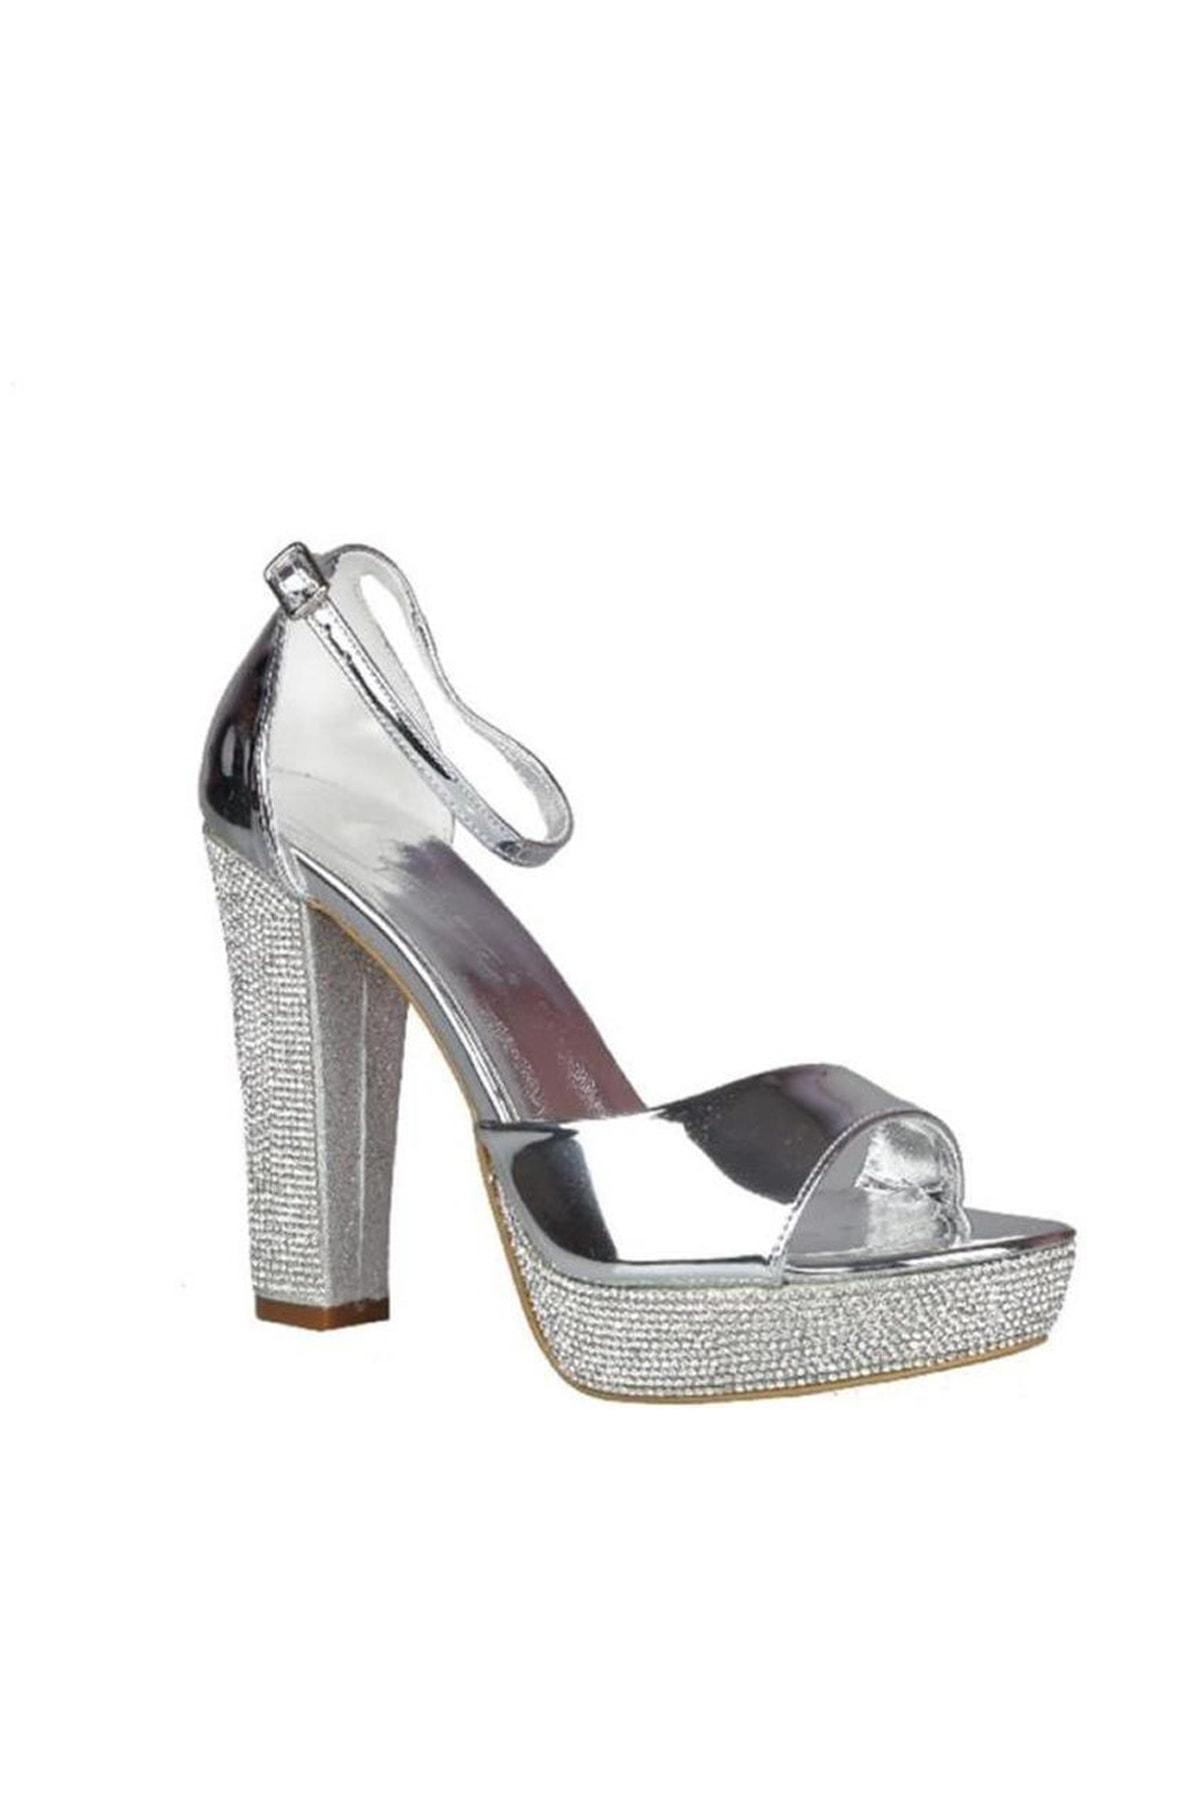 PUNTO Gumus Kadın Klasik Ayakkabı 19Y423B0032-46 2